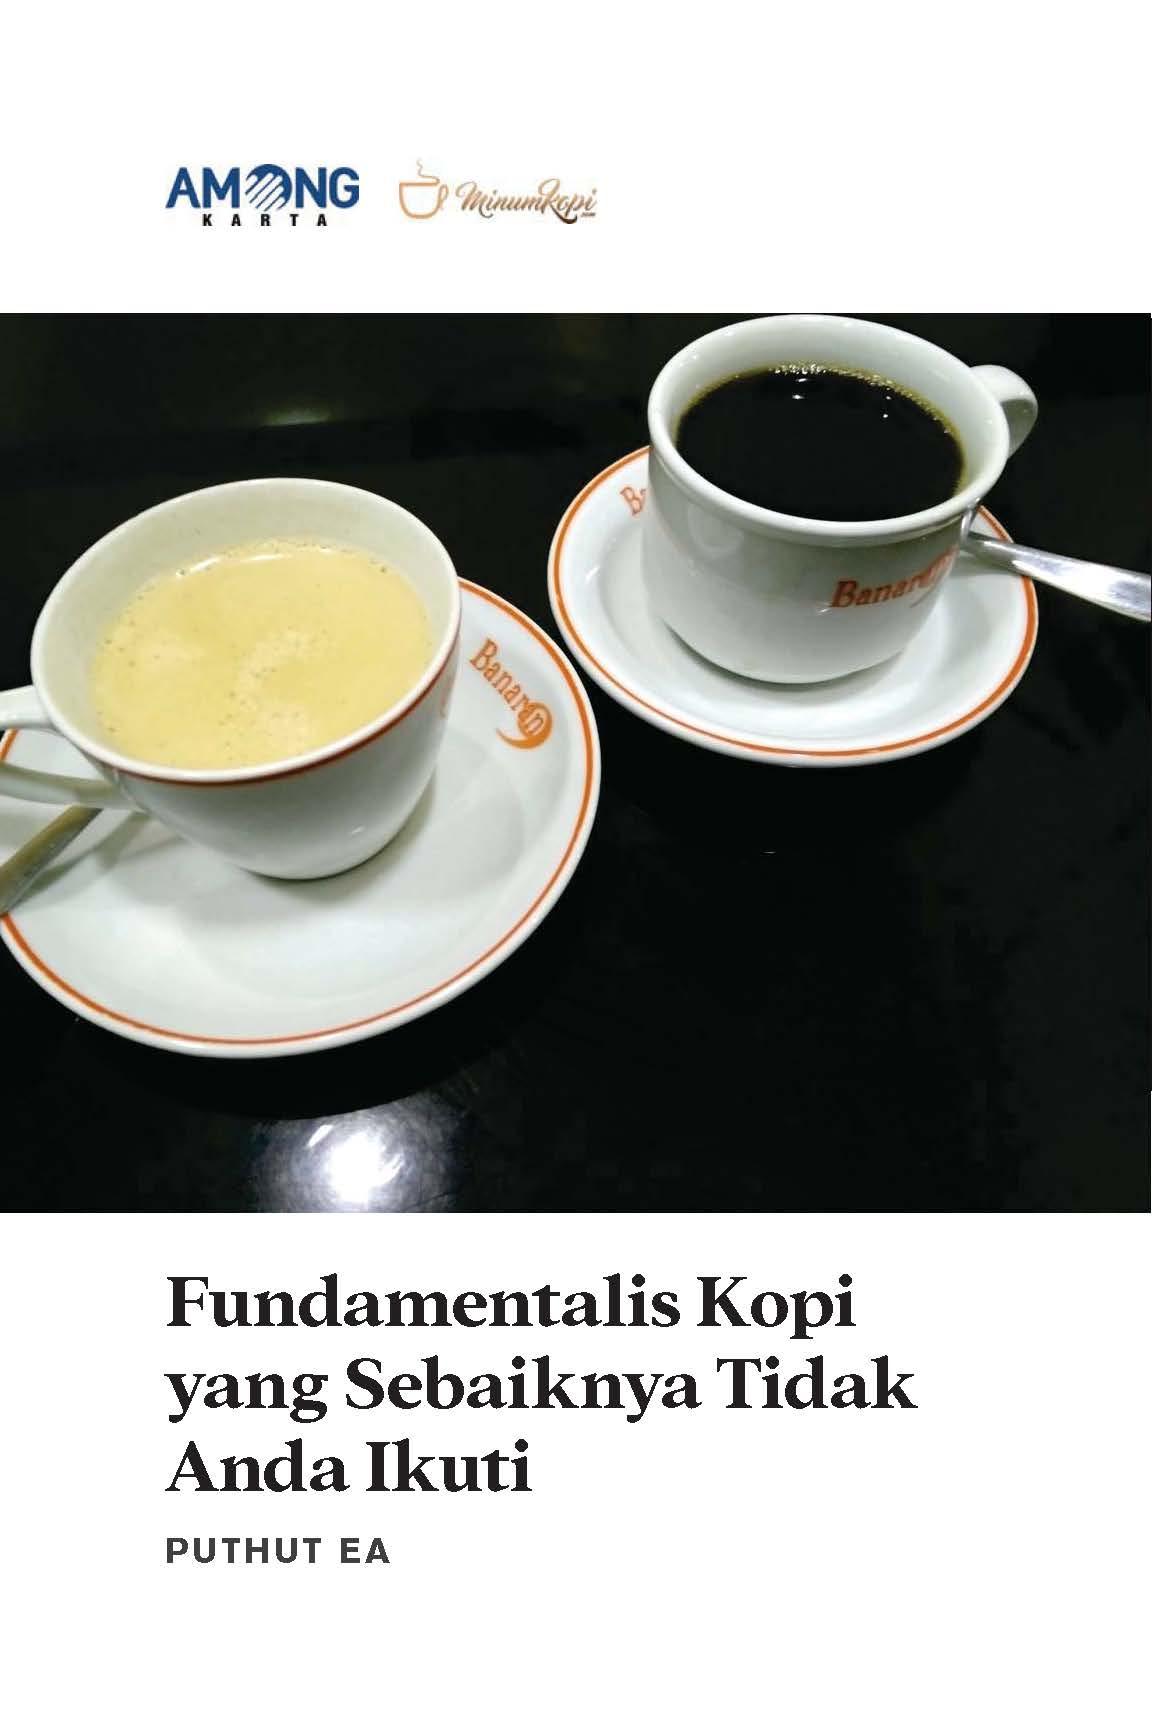 Fundamentalis kopi yang sebaiknya tidak anda ikuti [sumber elektronis]